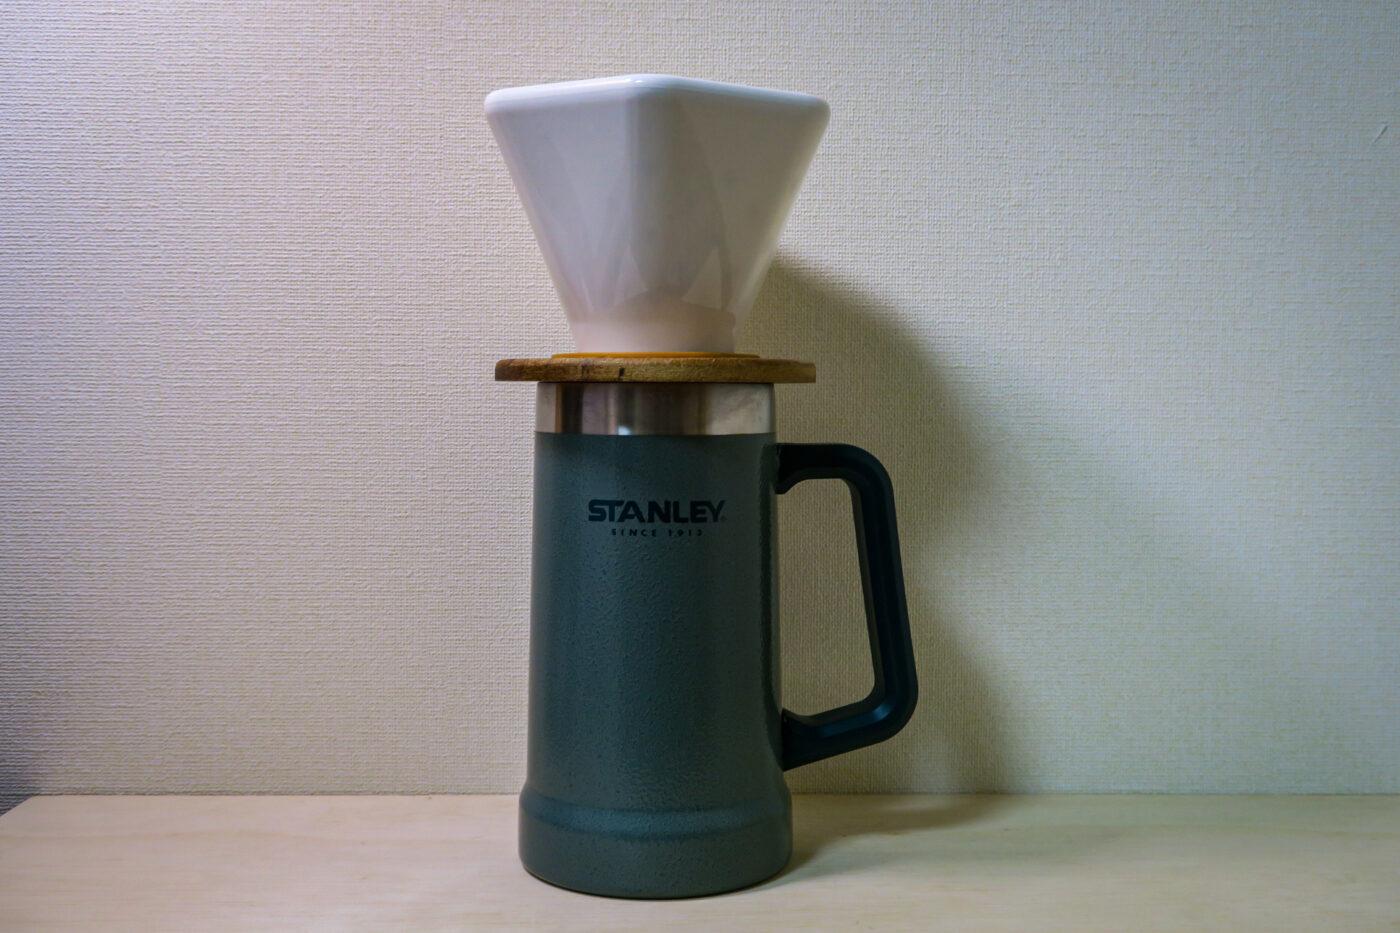 三洋産業のCAFEC ディープドリッパー プロは3人以上のグループキャンプで一度にコーヒーをドリップしたい人にはおすすめ。